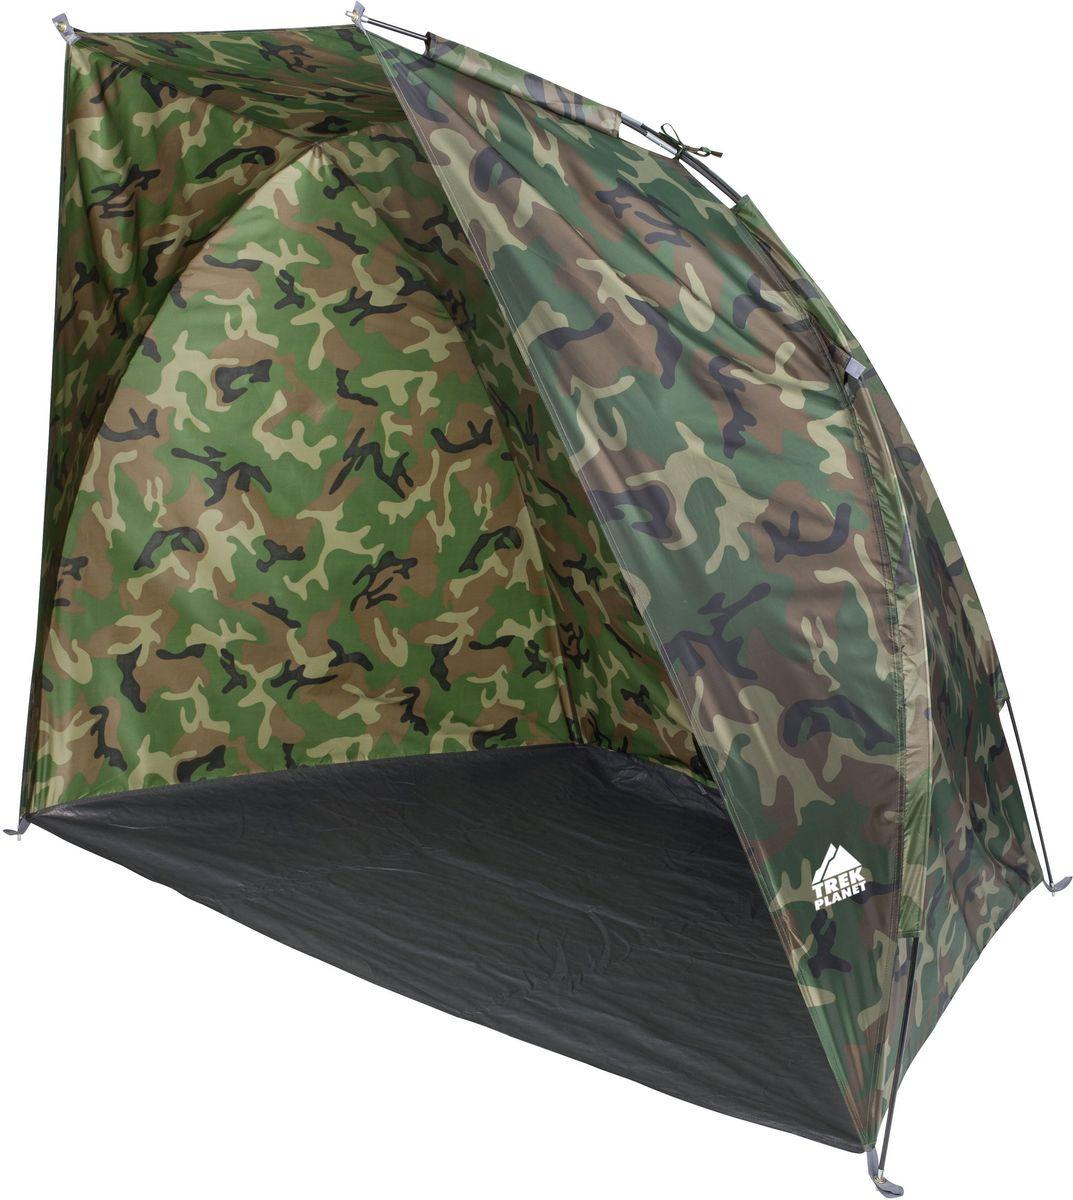 Тент TREK PLANET Fish Tent 2, цвет: камуфляж70139Камуфляжный тент TREK PLANET Fish Tent 2, обеспечивает защиту от солнца и ветра и небольших осадков - идеально подойдет для любителей рыбалки или охоты. Внутри легко помещаются два кемпинговых стула. Очень прост в установке, имеет малый вес и удобный чехол с ручкой для переноски.Особенности модели:Простая и быстрая установка,Тент шатра из полиэстера, с пропиткой PU, за которым удобно укрыться от палящего солнца, ветра или небольших осадков,Каркас выполнен из прочного стеклопластика,Дно изготовлено из прочного армированного полиэтилена, Растяжки и колышки в комплекте. Размер: 200 х 115 х 150 см.Размер в сложенном виде: 10 х 10 х 65 см.Материал внешнего тента: 100% полиэстер, пропитка PU.Водостойкость: 1000 мм.Материал пола: 100% армированный полиэтилен.Материл дуги: стекловолокно 7,9 мм.Вес: 1,3 кг.